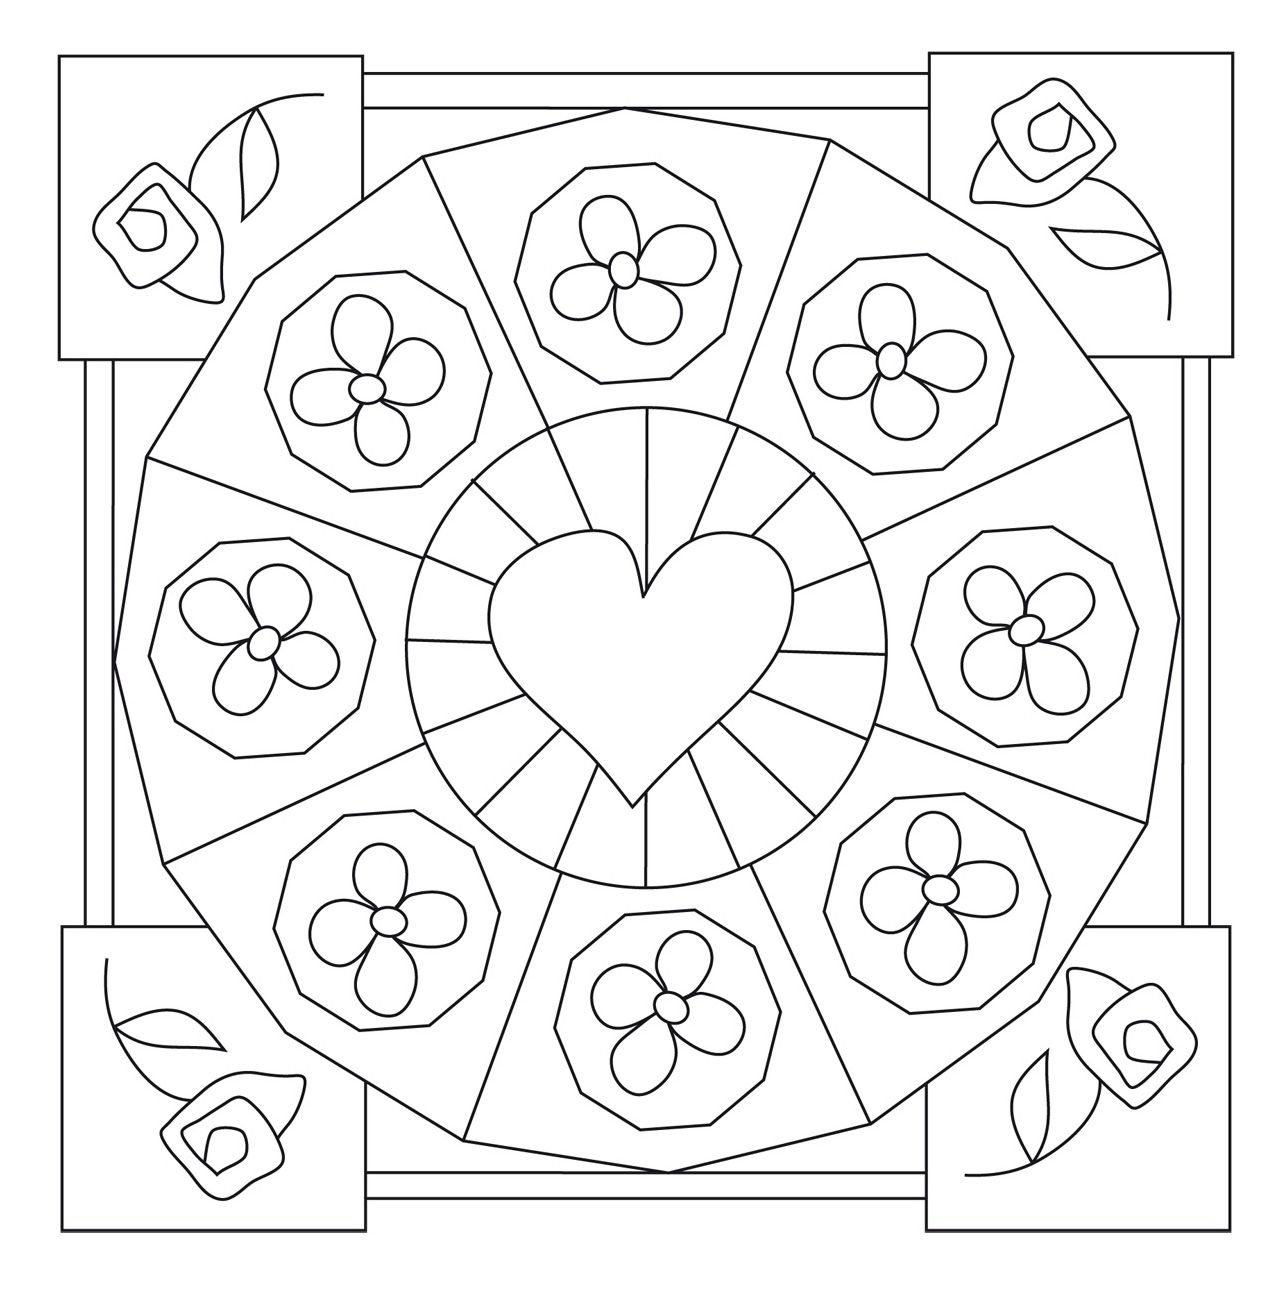 Fichas para infantil: Mandalas primaverales